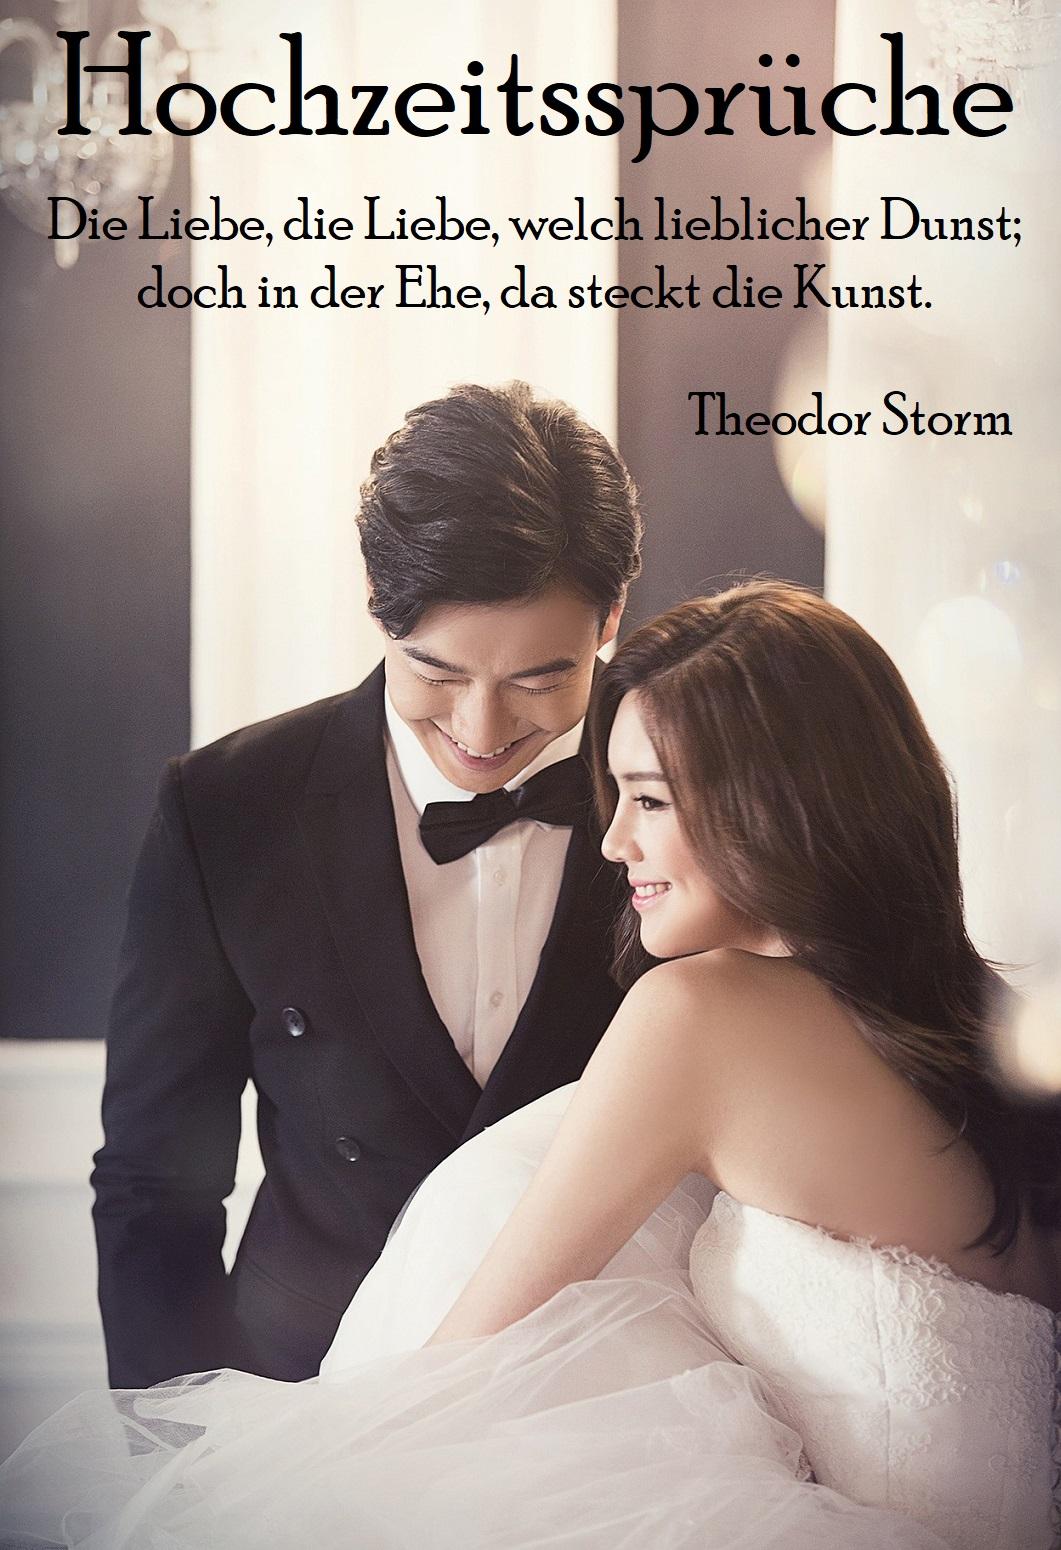 Hochzeitssprüche de www Hochzeitsglückwünsche